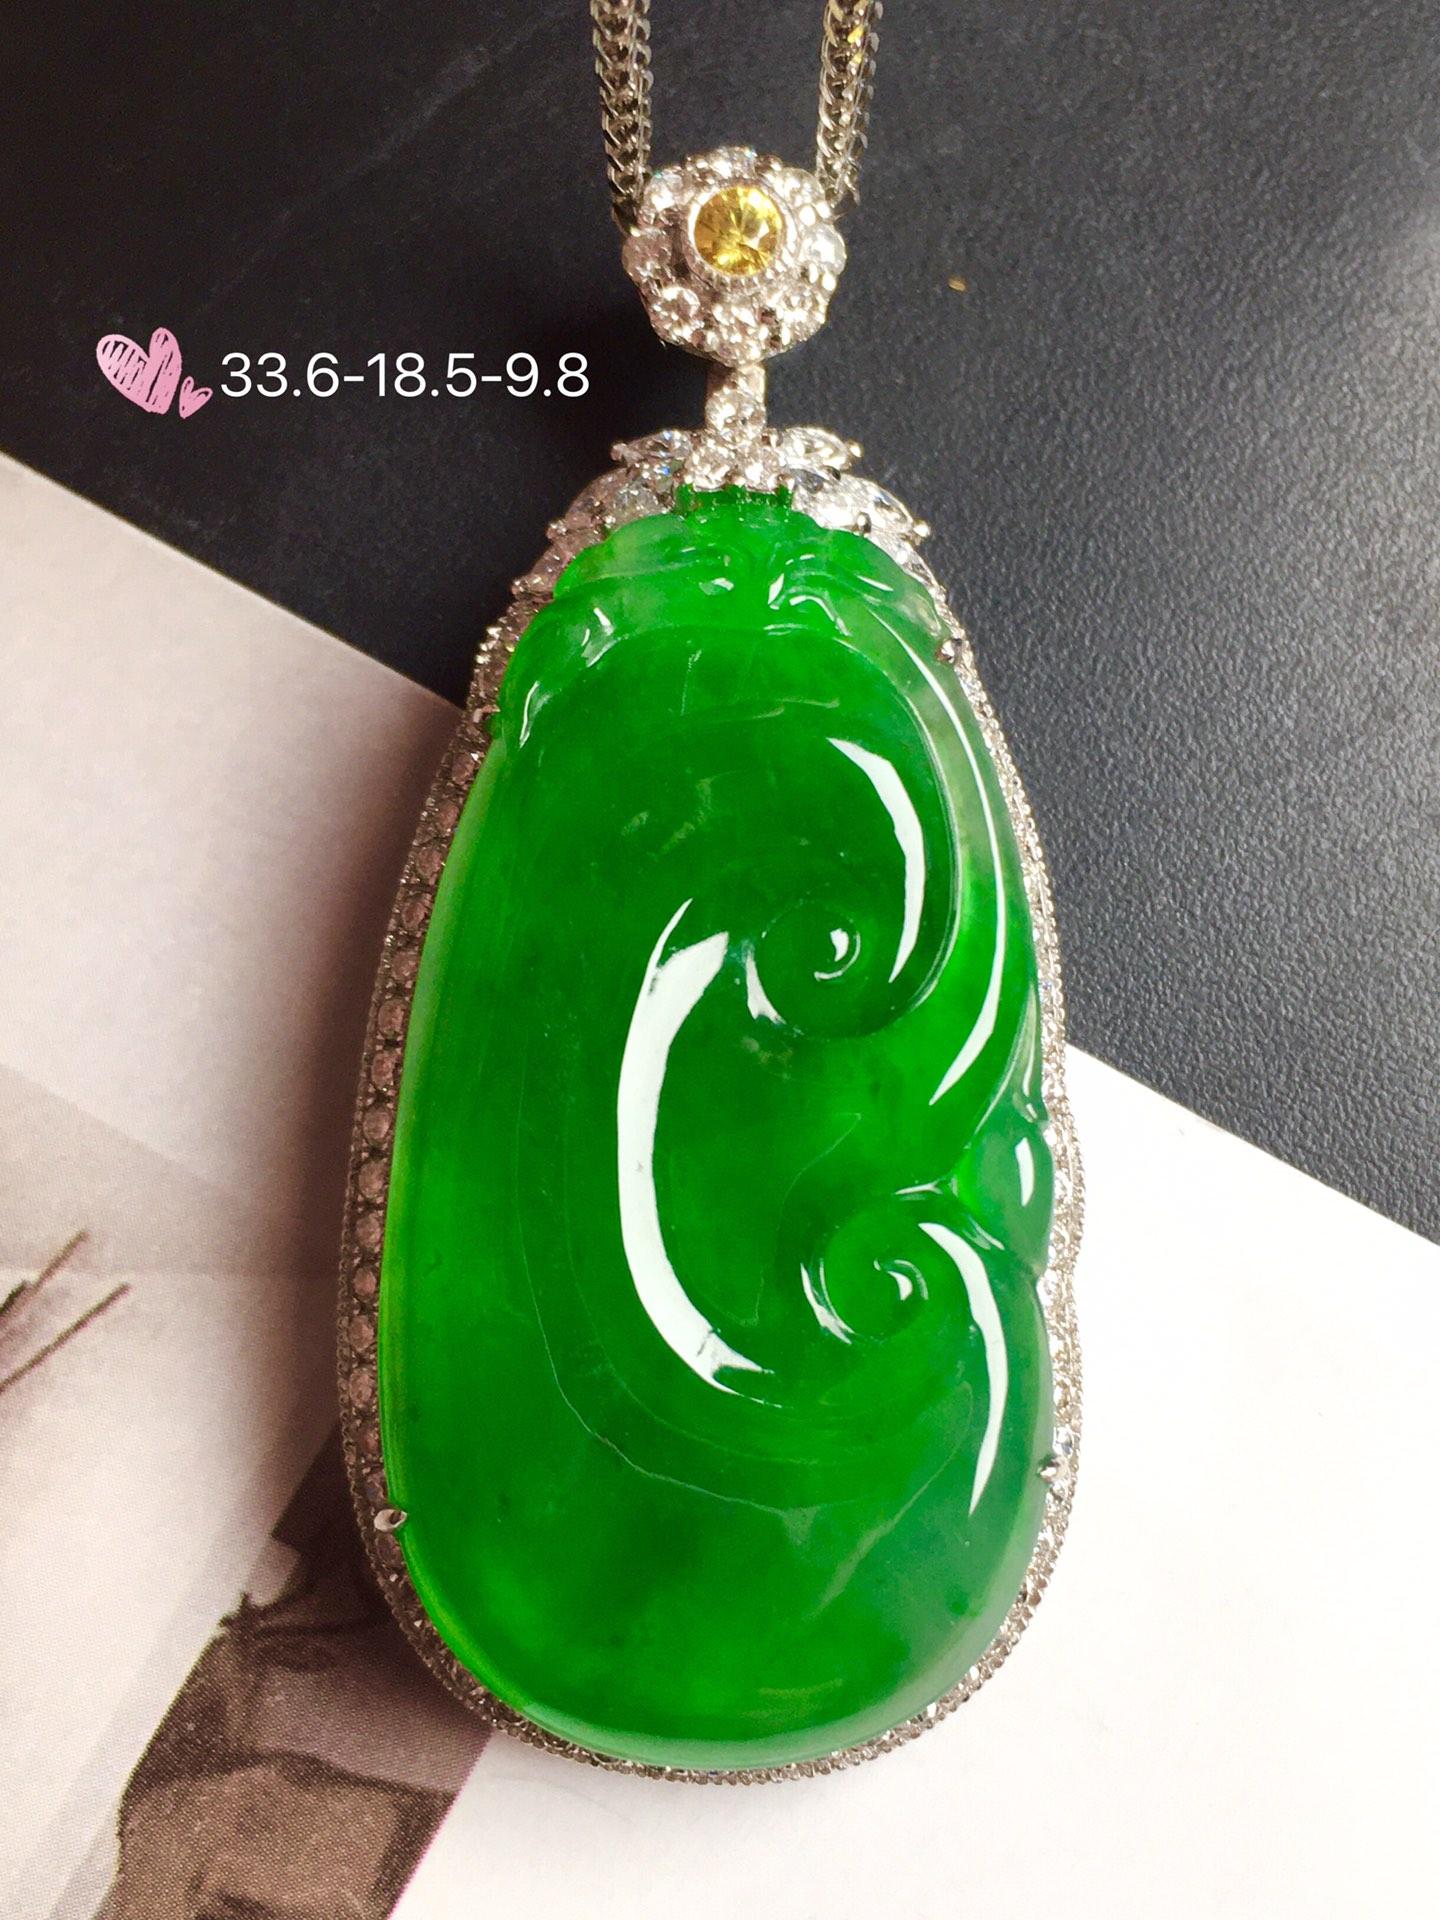 【如意,冰正阳绿】通透,润水细腻,完美,18k金华奢钻镶石嵌☕